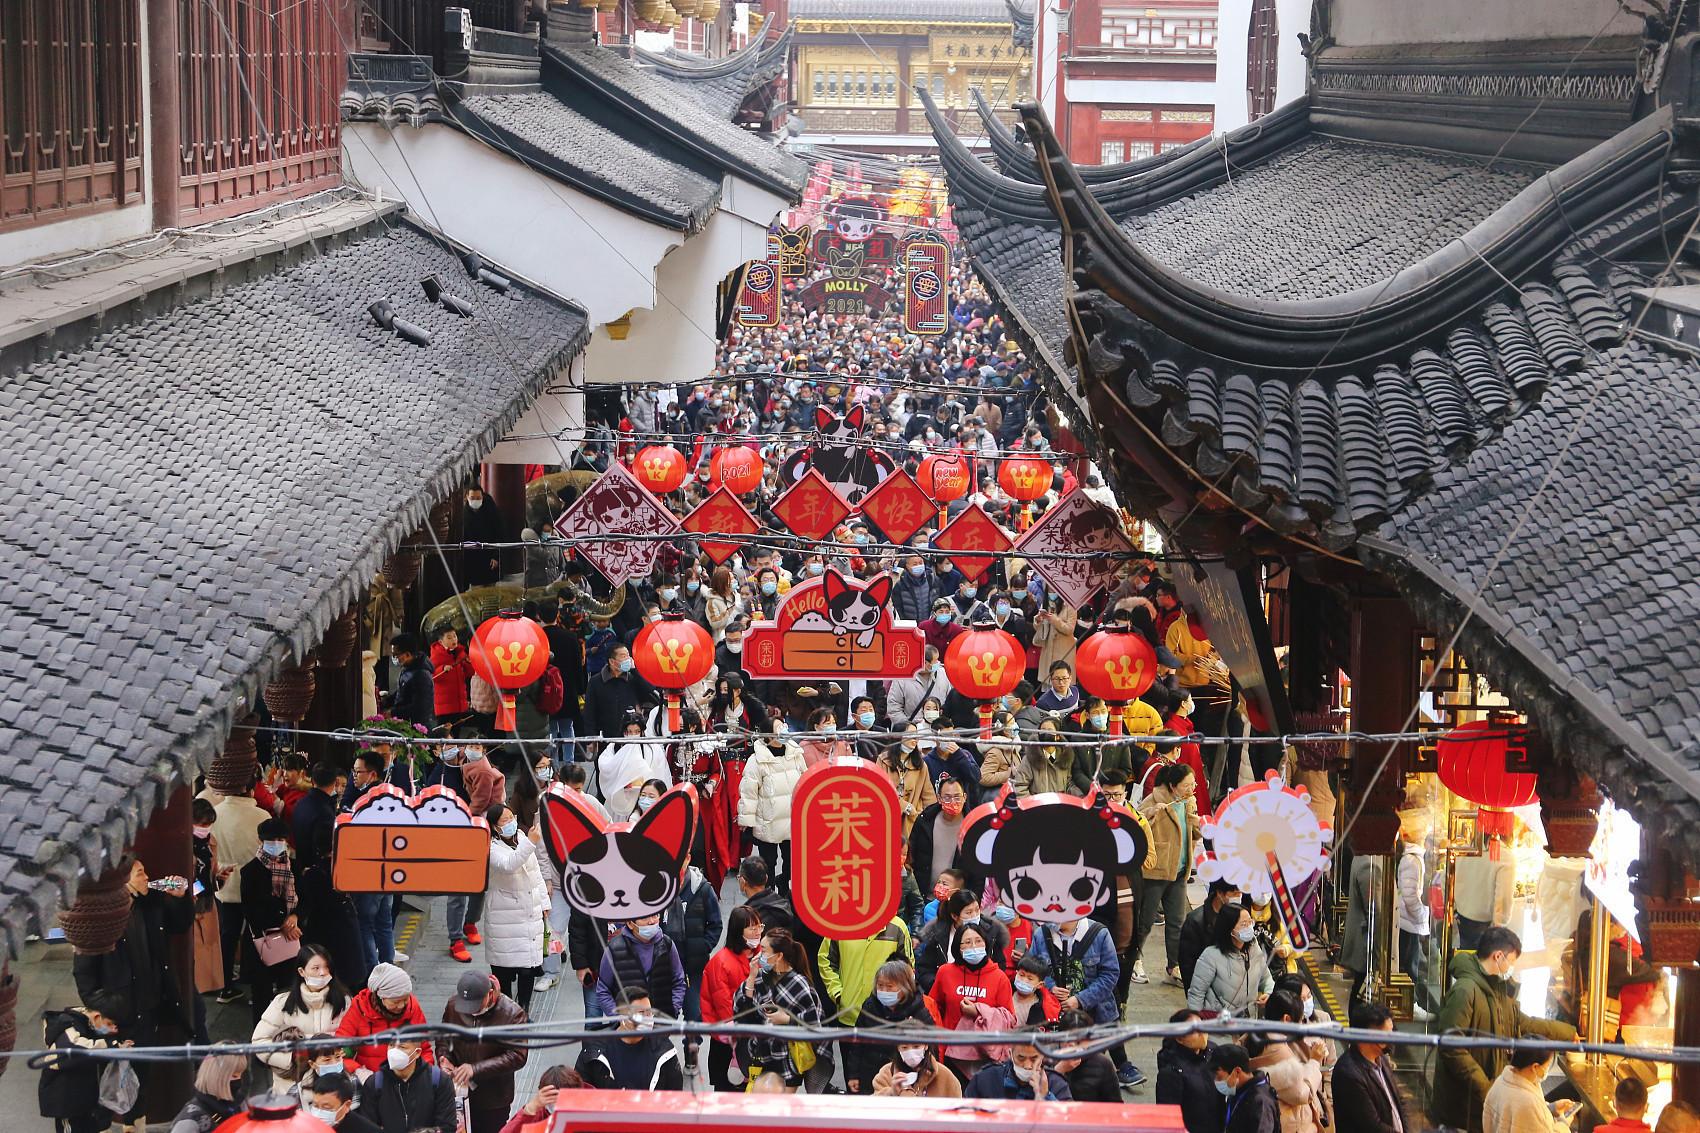 2021年2月12日,上海,老城隍庙豫园商圈。